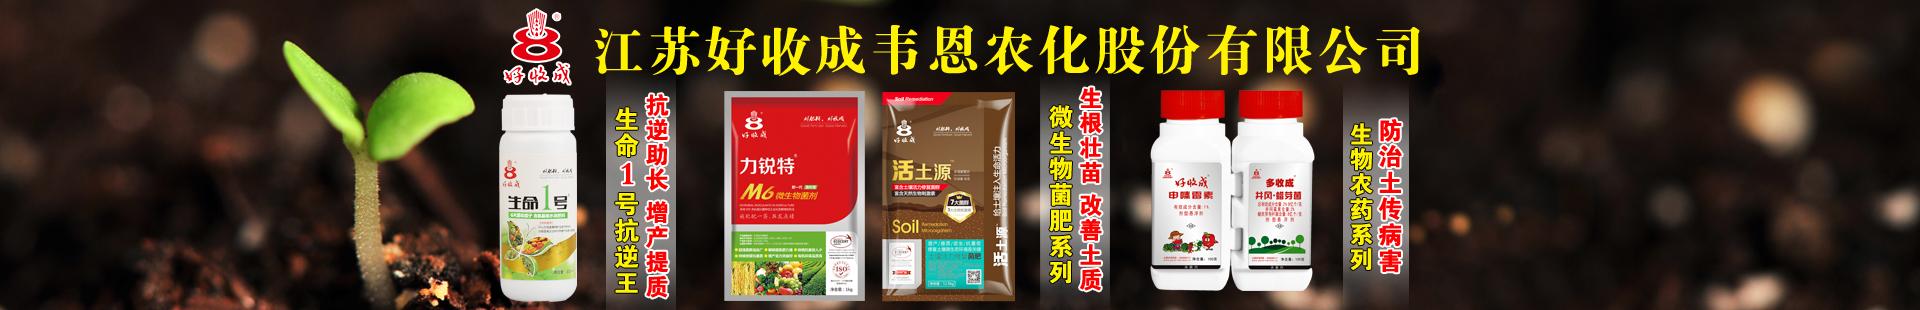 江苏好收成韦恩农化股份有限公司